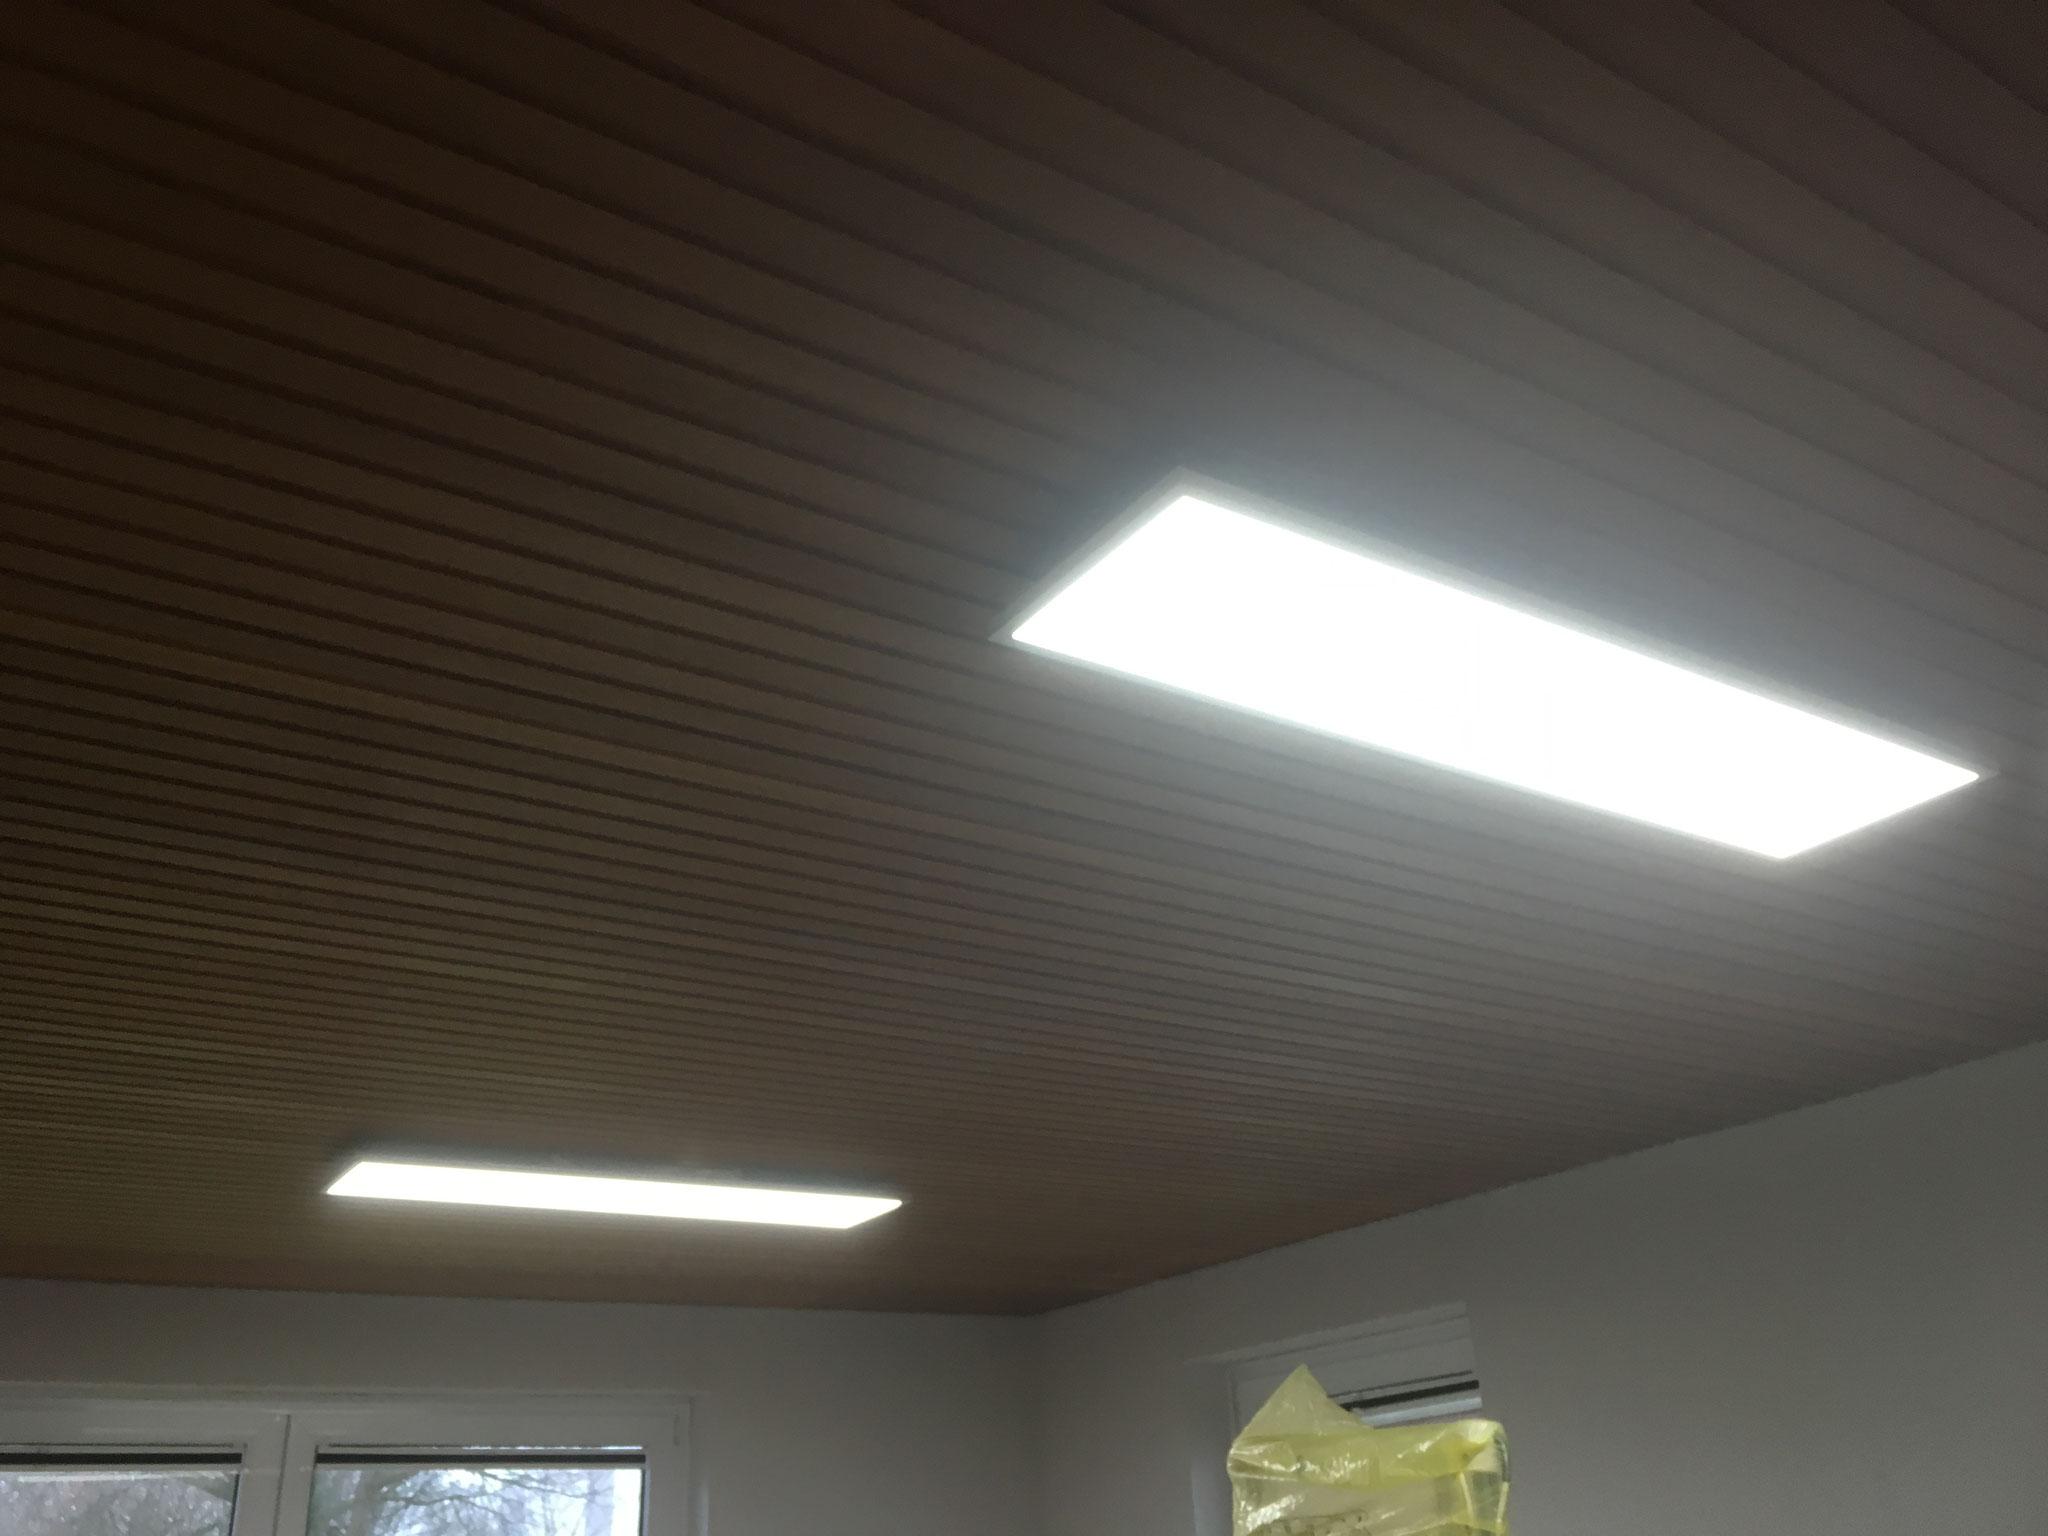 Auch die dimmbare Beleuchtung im Gymnastikraum hängt und funktioniert.